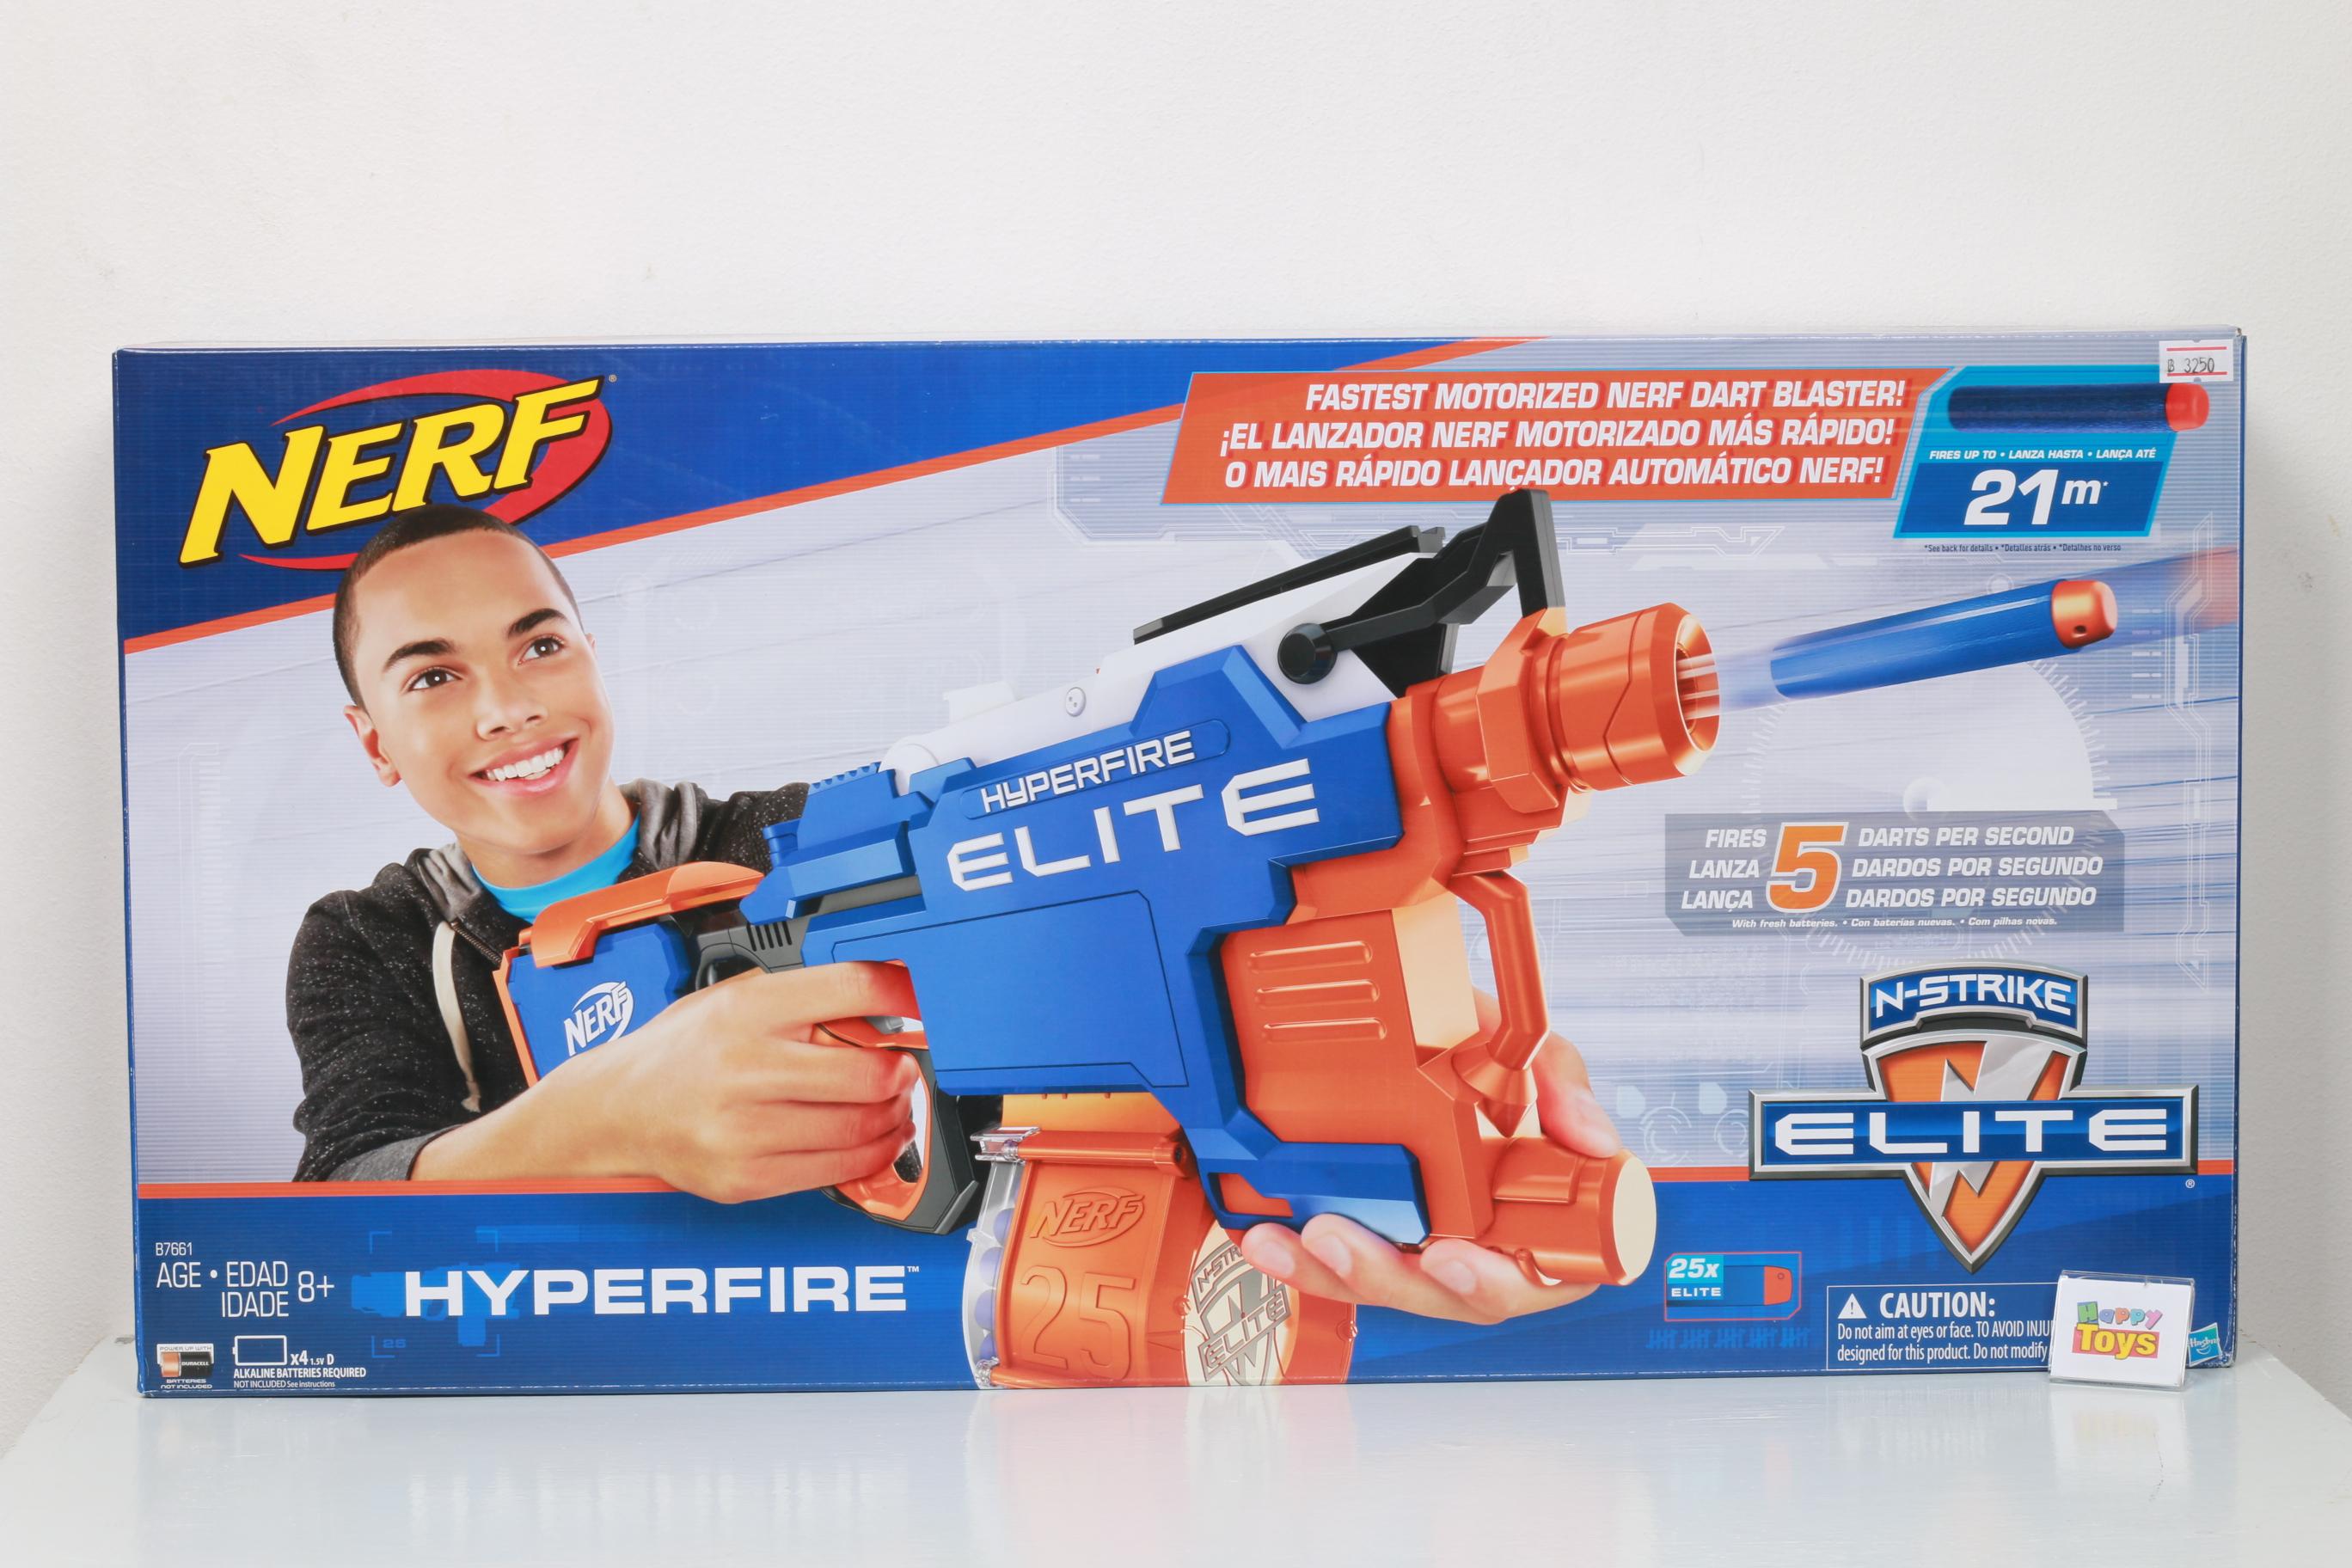 ปืนเนิร์ฟ Nerf Elite N-Strike Hyperfire ปืนNerfยิงอัตโนมัติ บรรจุกระสุนได้ 25 นัด